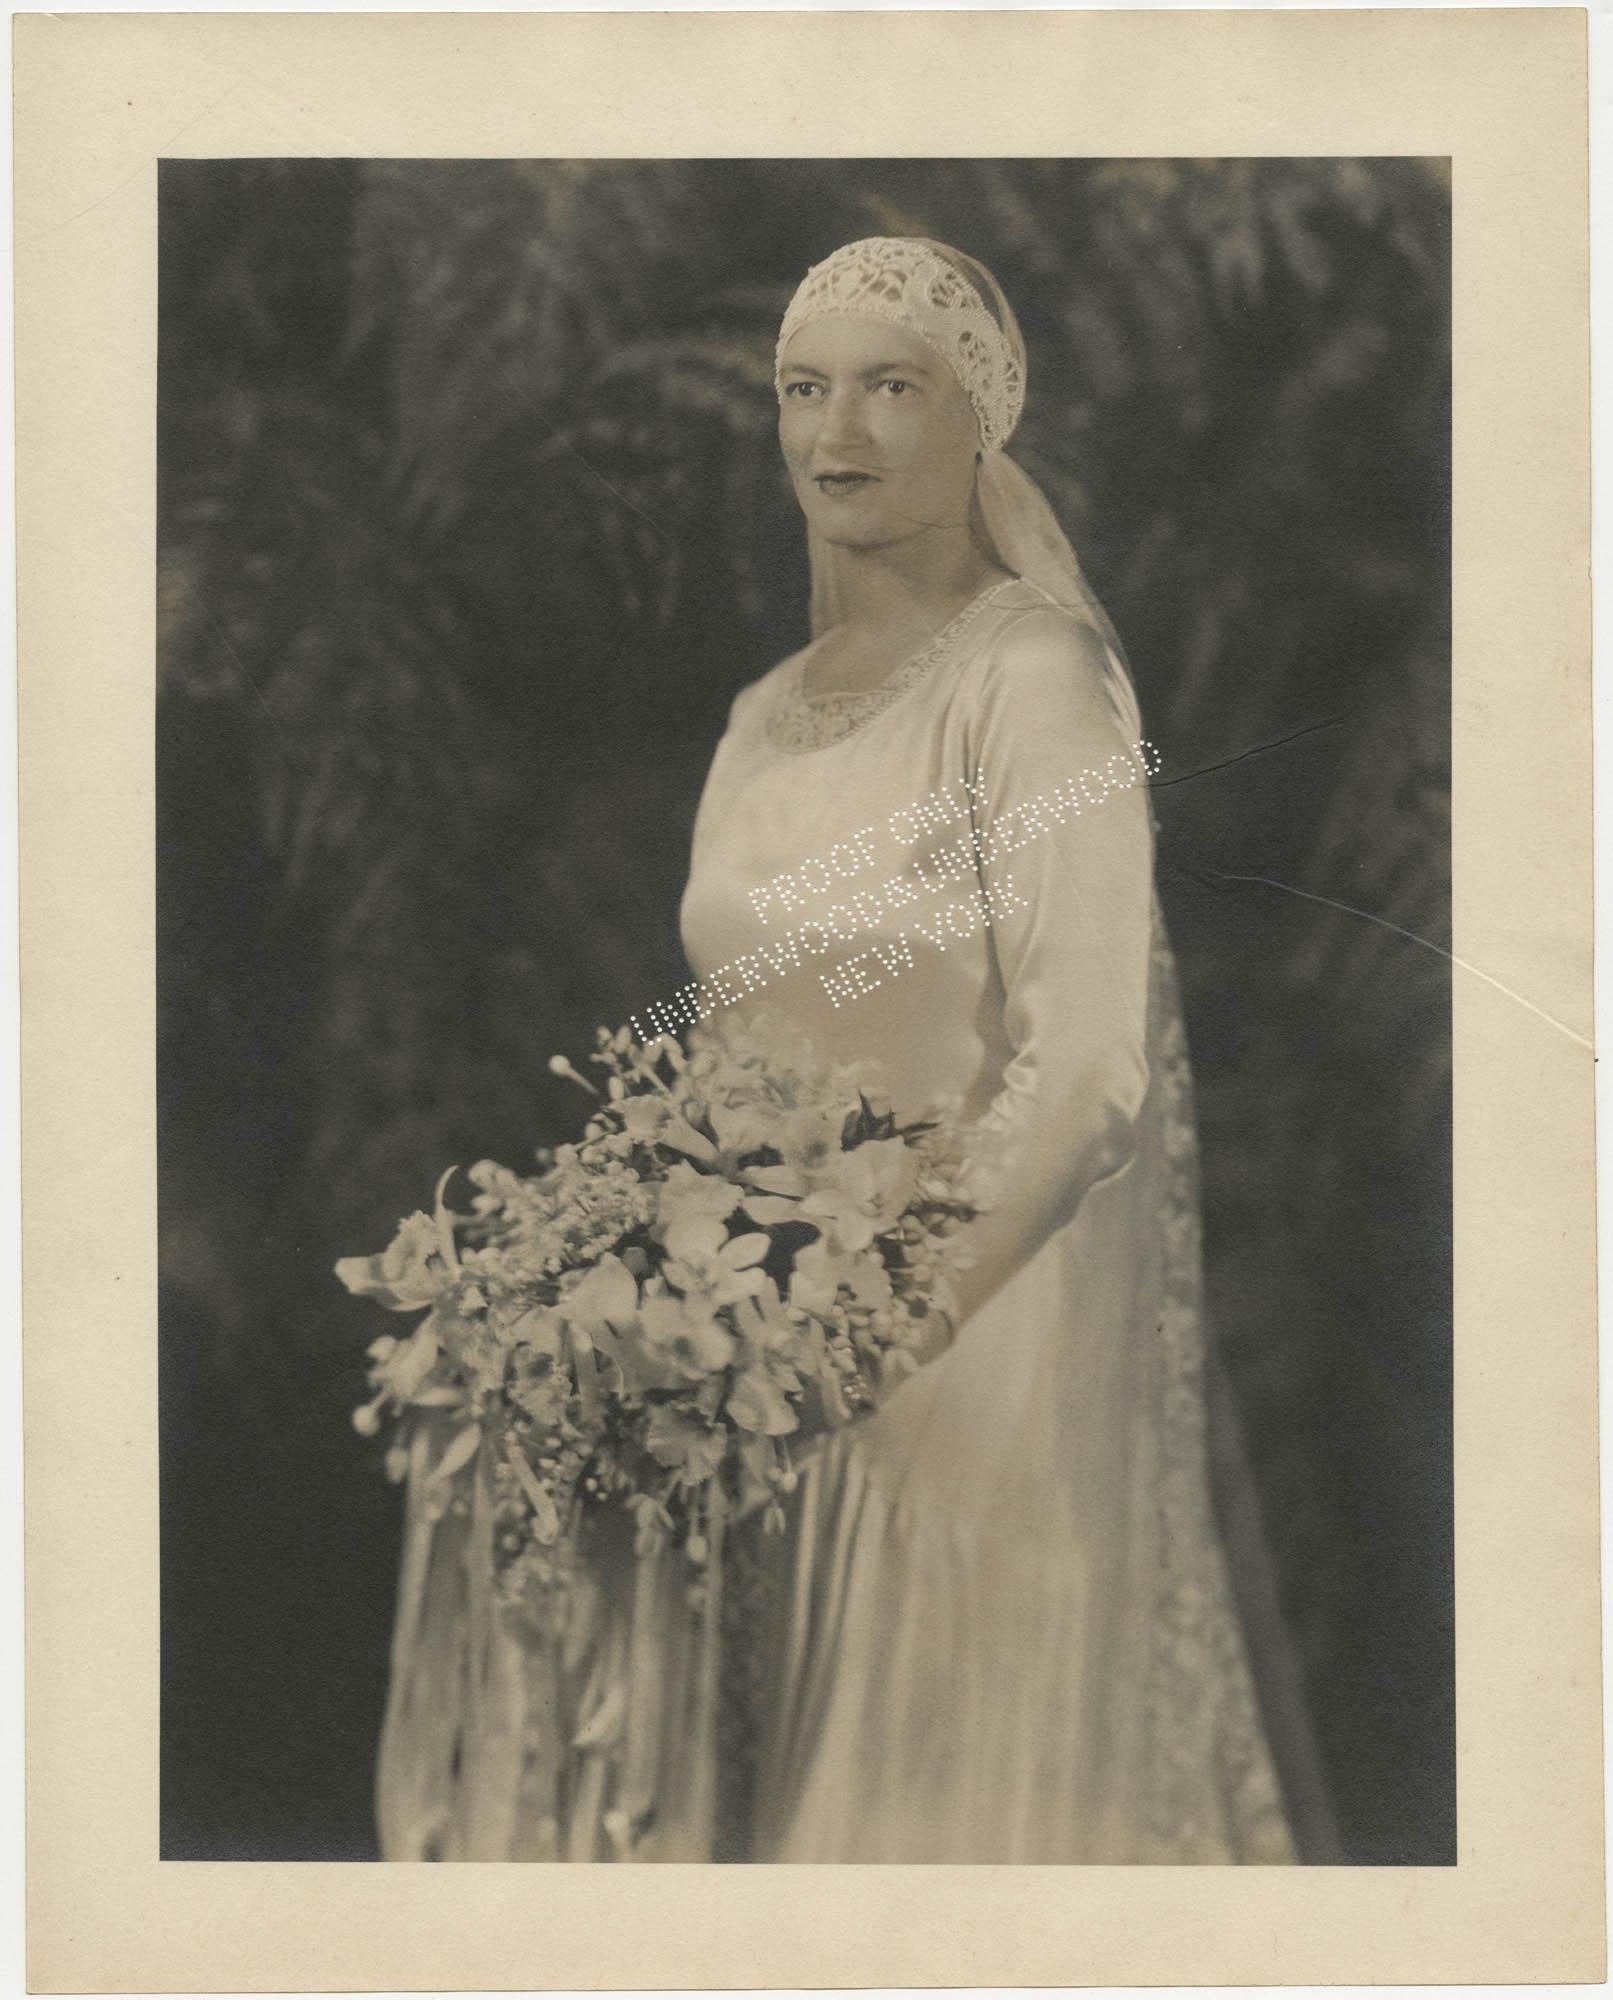 Bridal portrait photograph of Gertrude Legendre